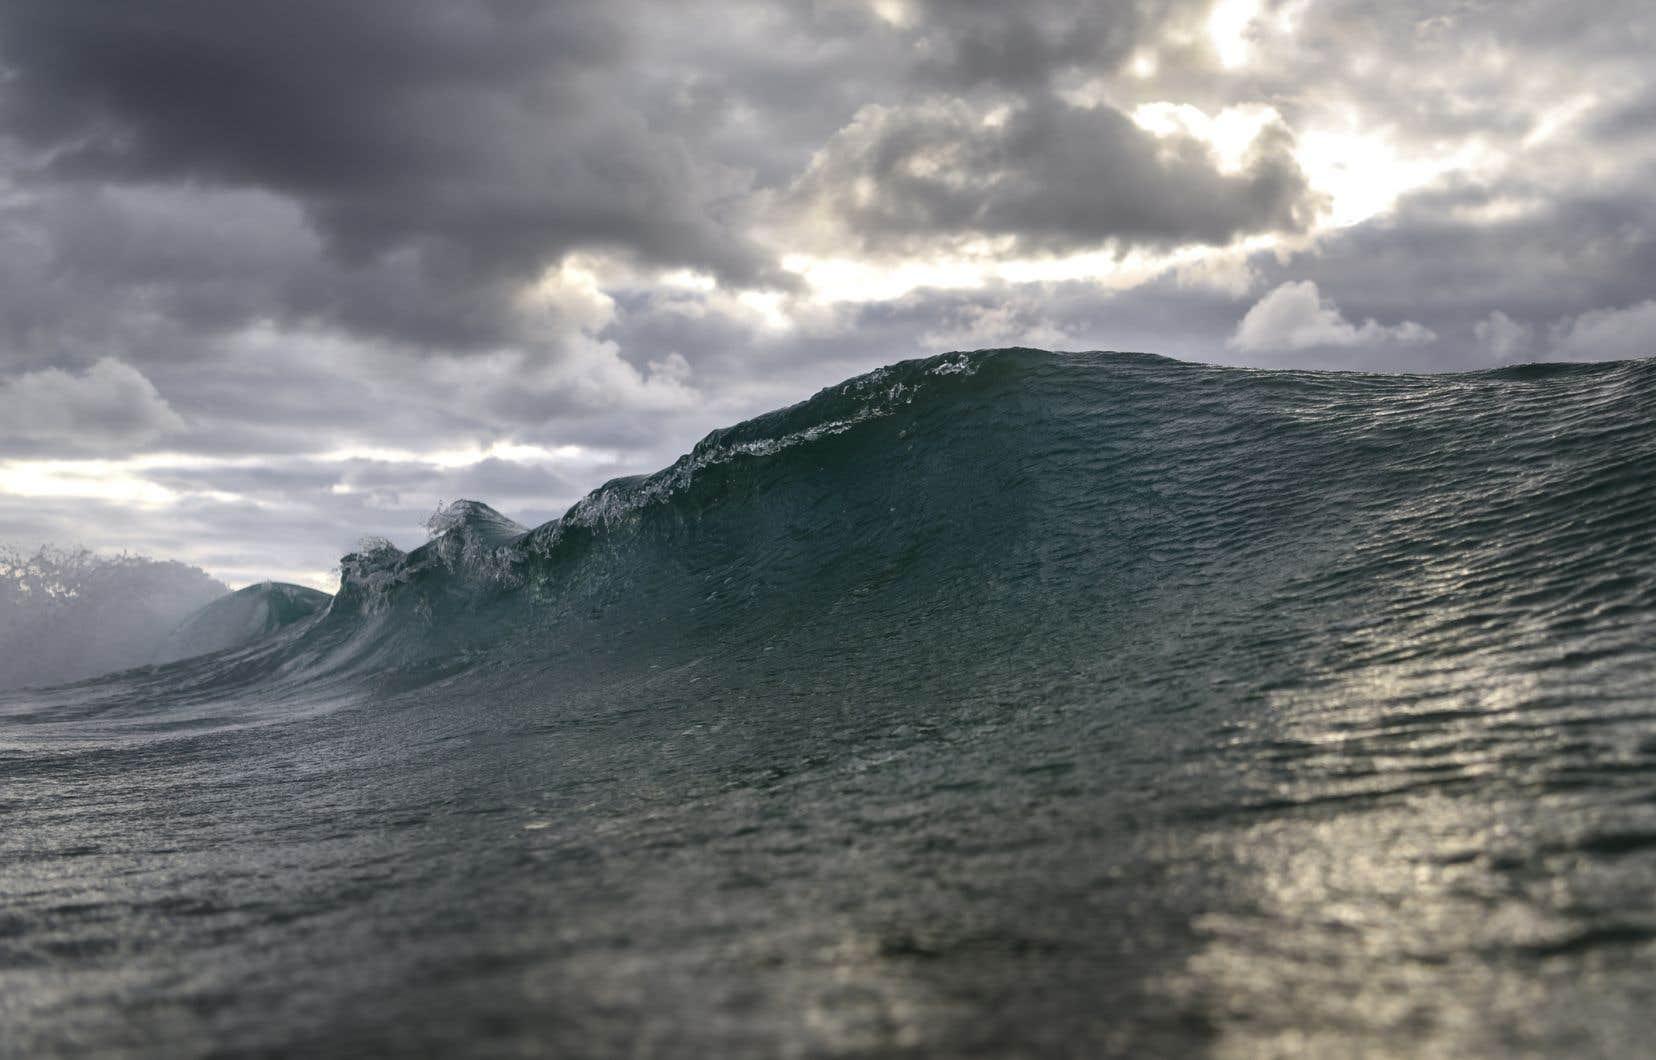 Greenpeace a dénoncé l'absence d'ambition de plusieurs États, malgré l'urgence climatique et la perte de biodiversité auxquelles font face les océans.